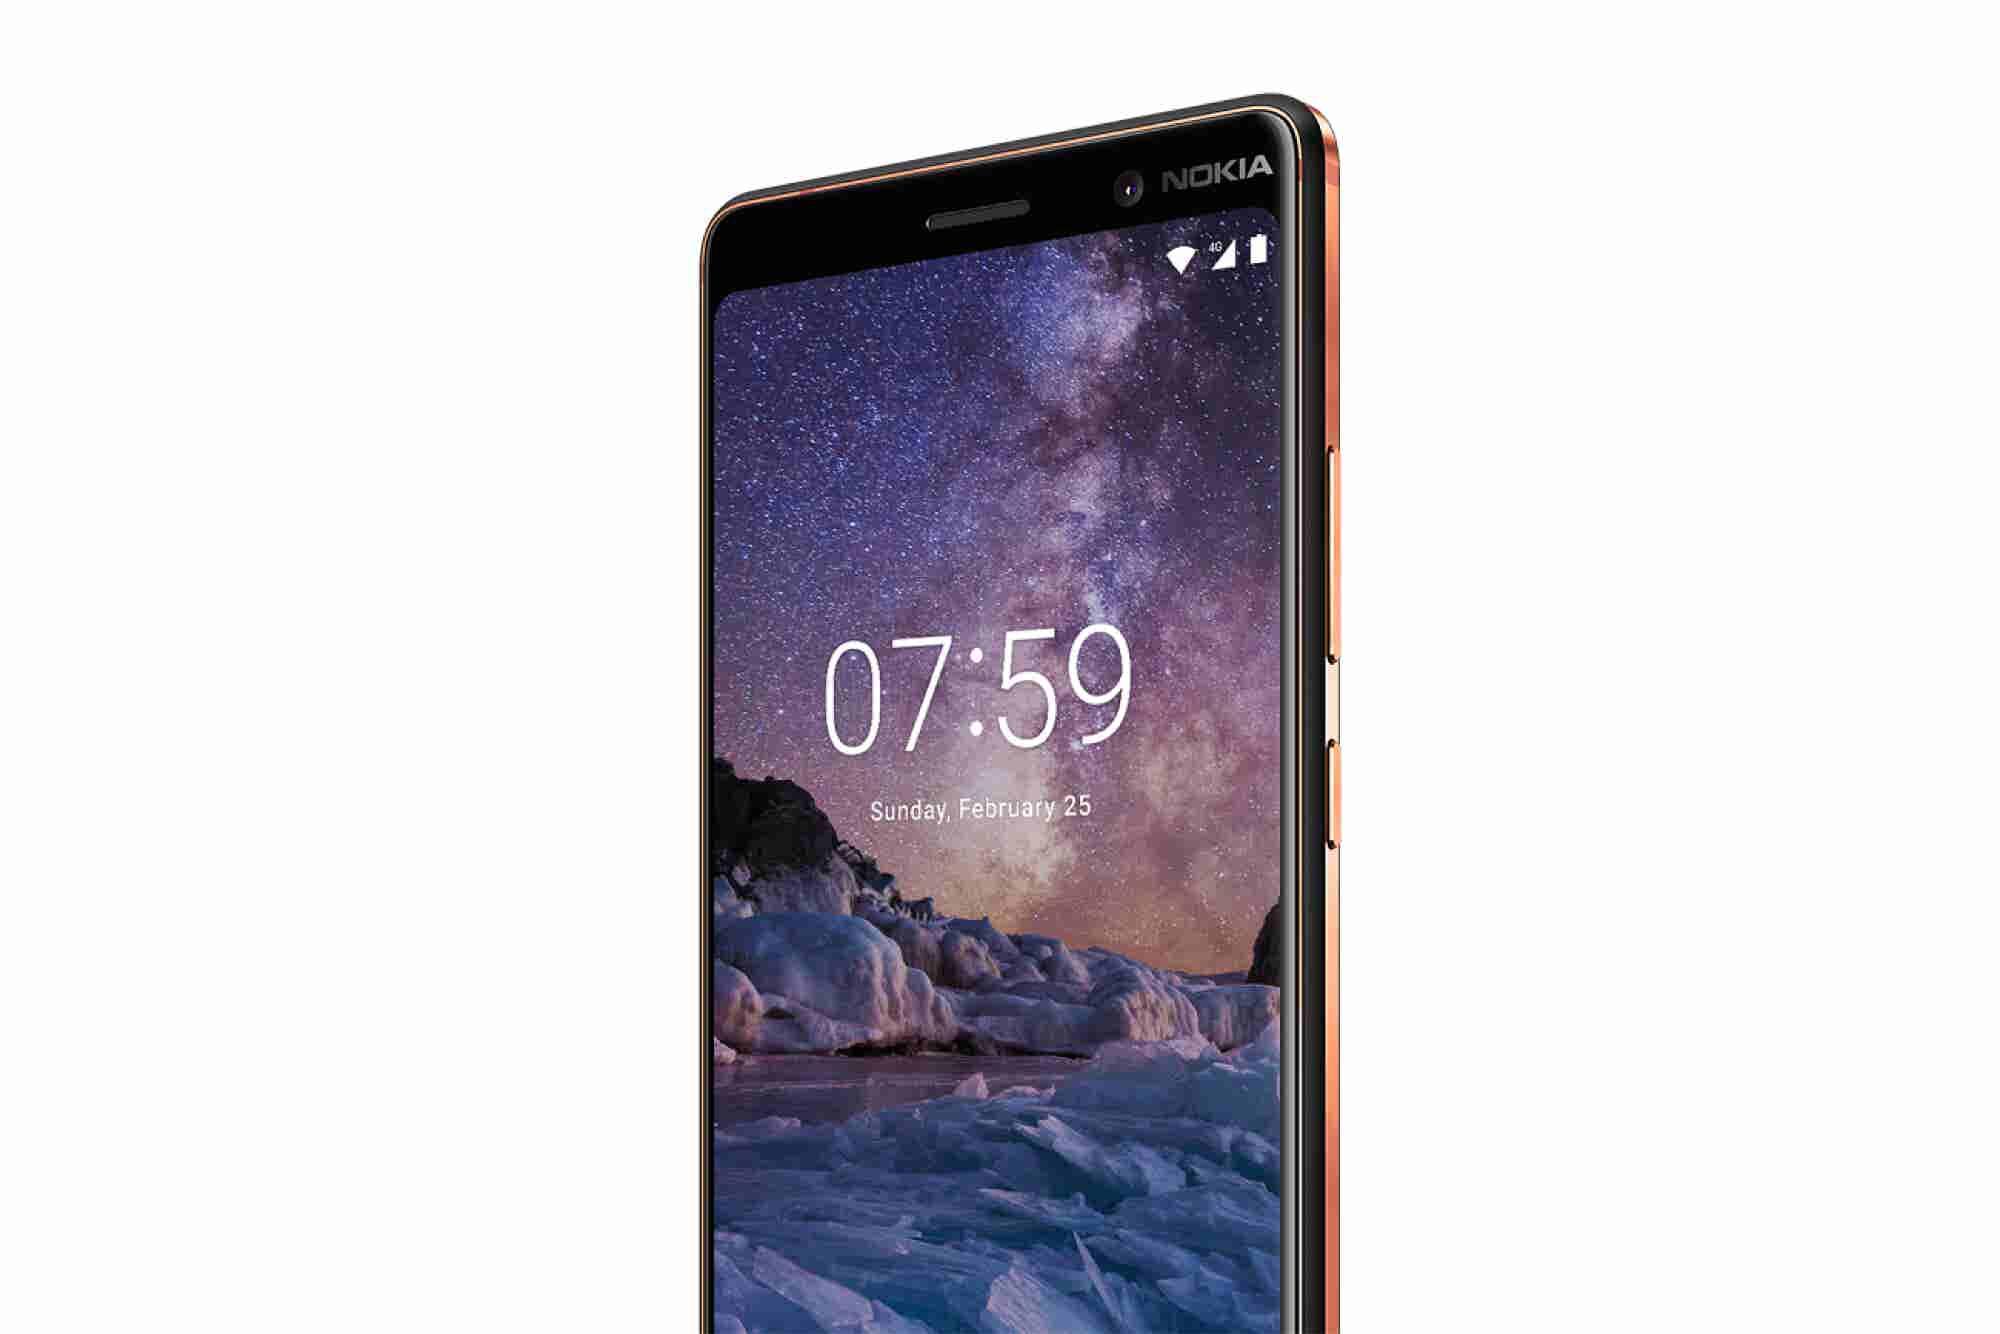 Picture Perfect: Nokia 7 Plus